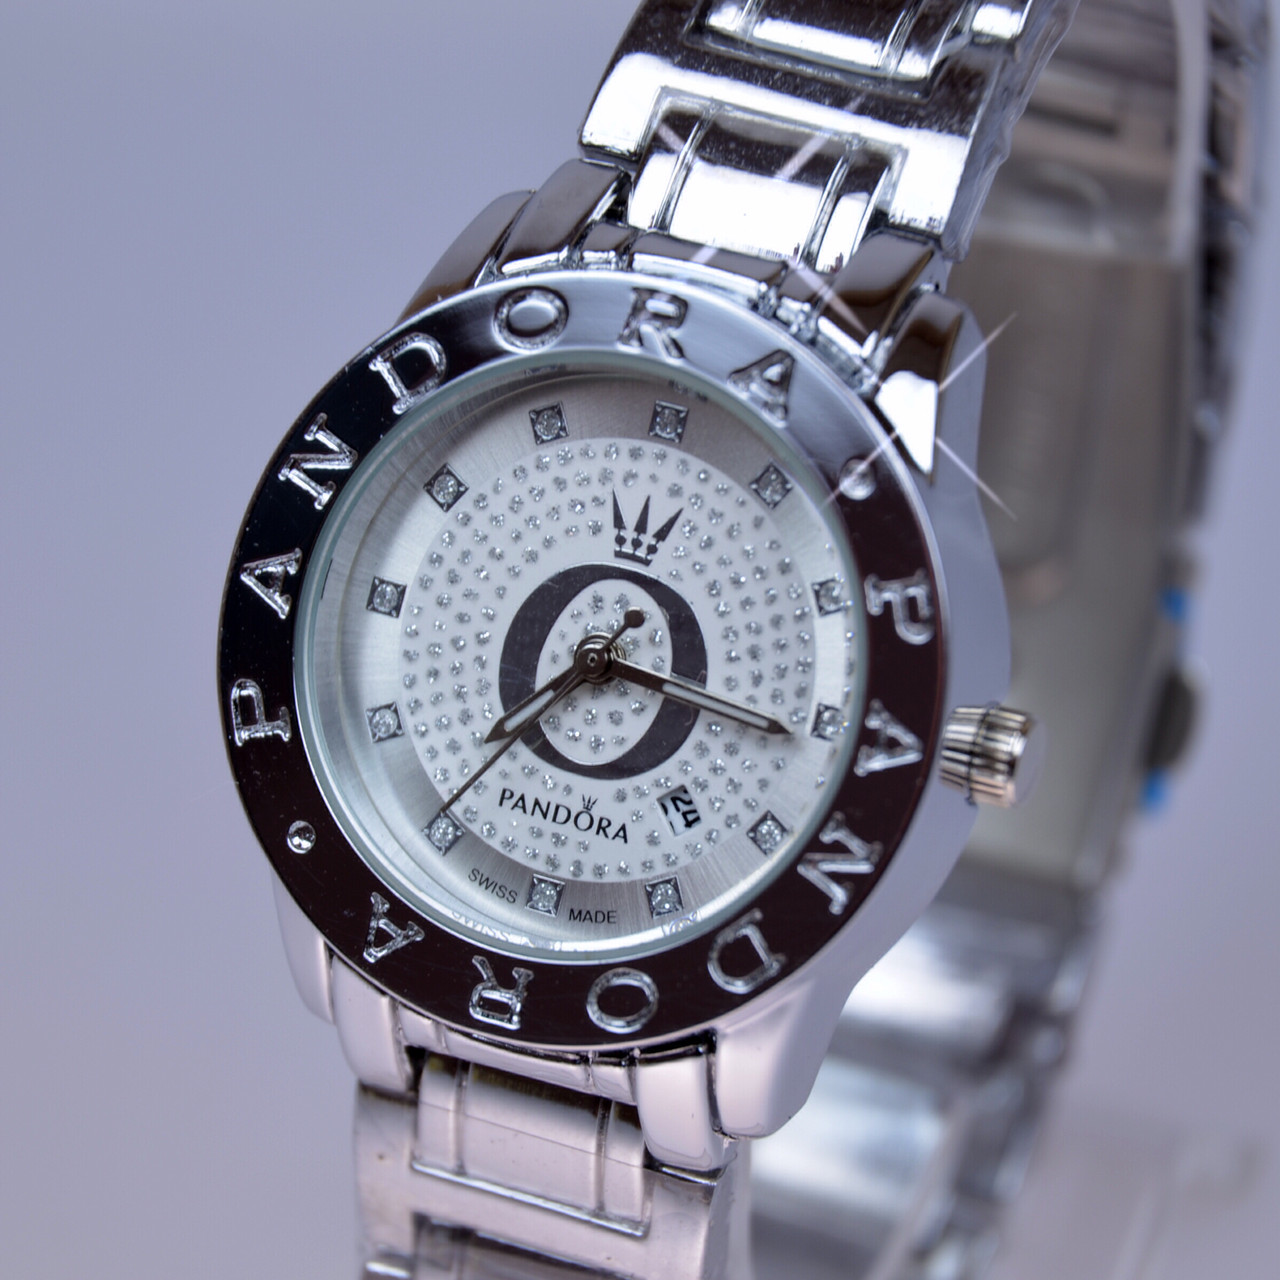 Женские наручные часы PANDORA (Пандора) В117 Silver